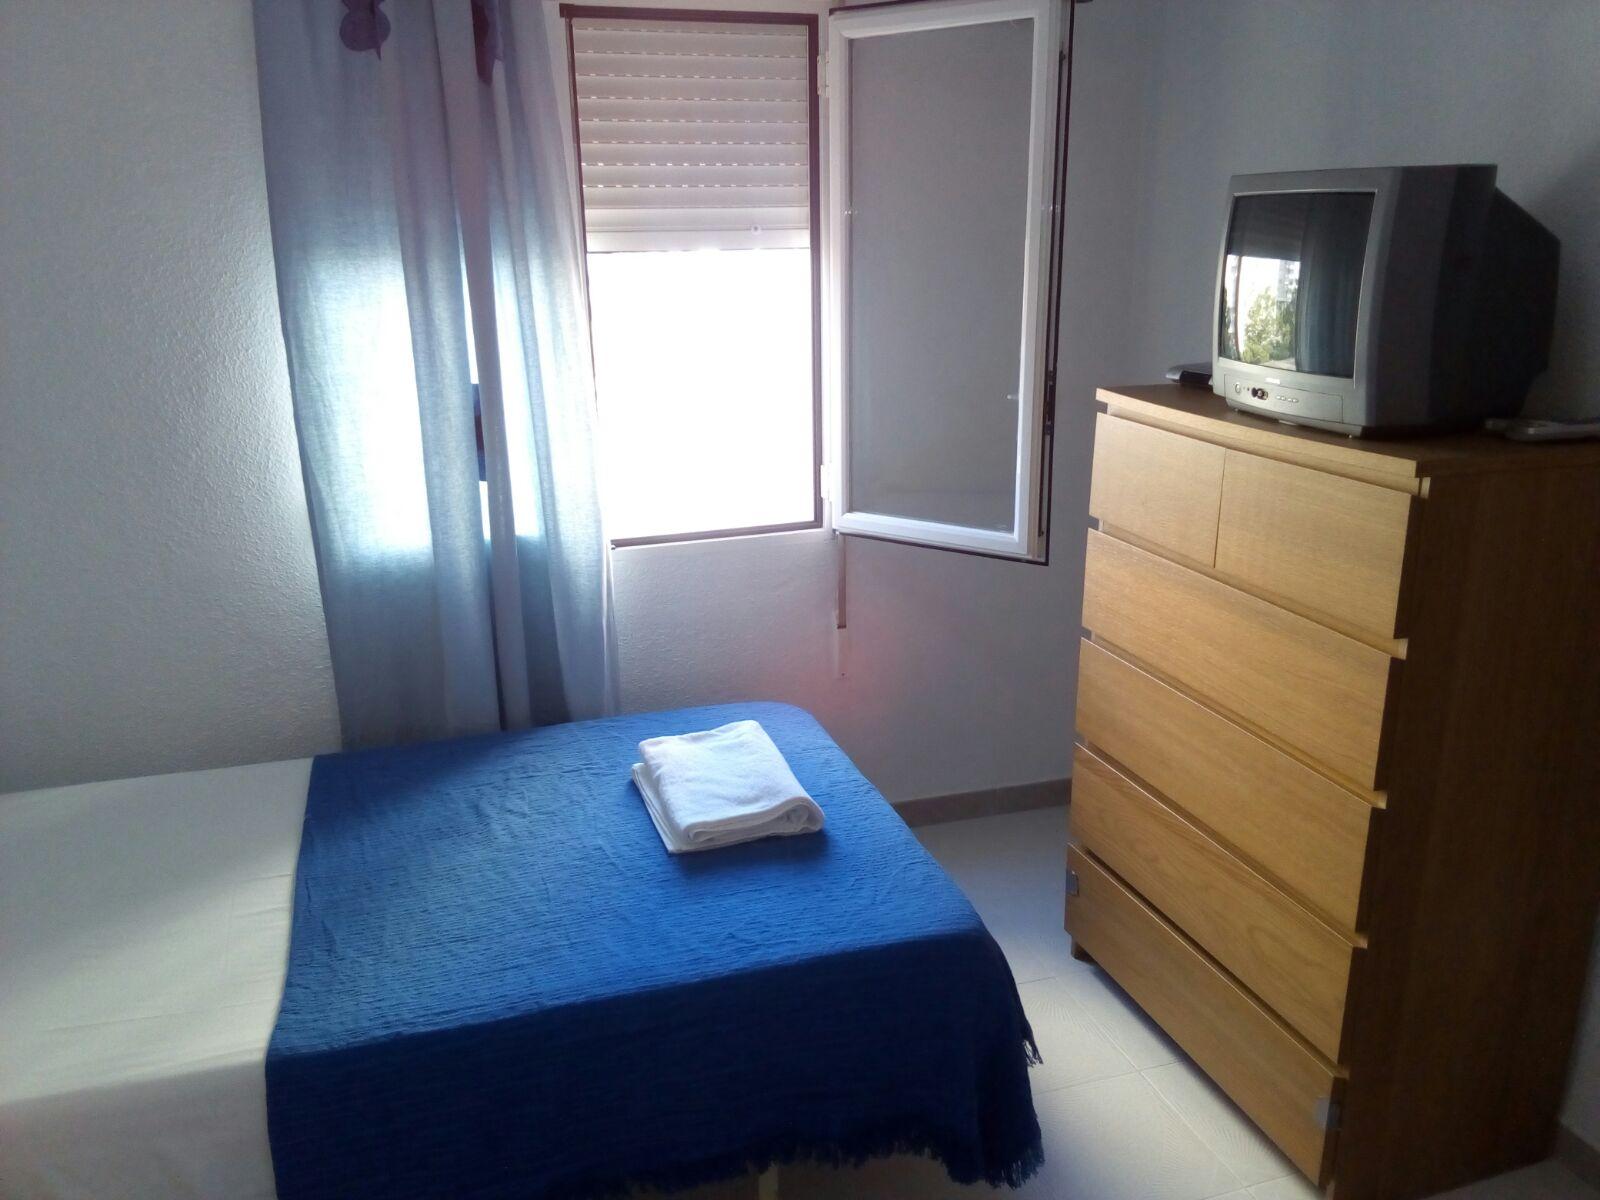 Alquiler apartamentos en benidorm particulares apartamentos en benidorm dormitorios frente al - Alquiler de apartamentos en benidorm particulares ...